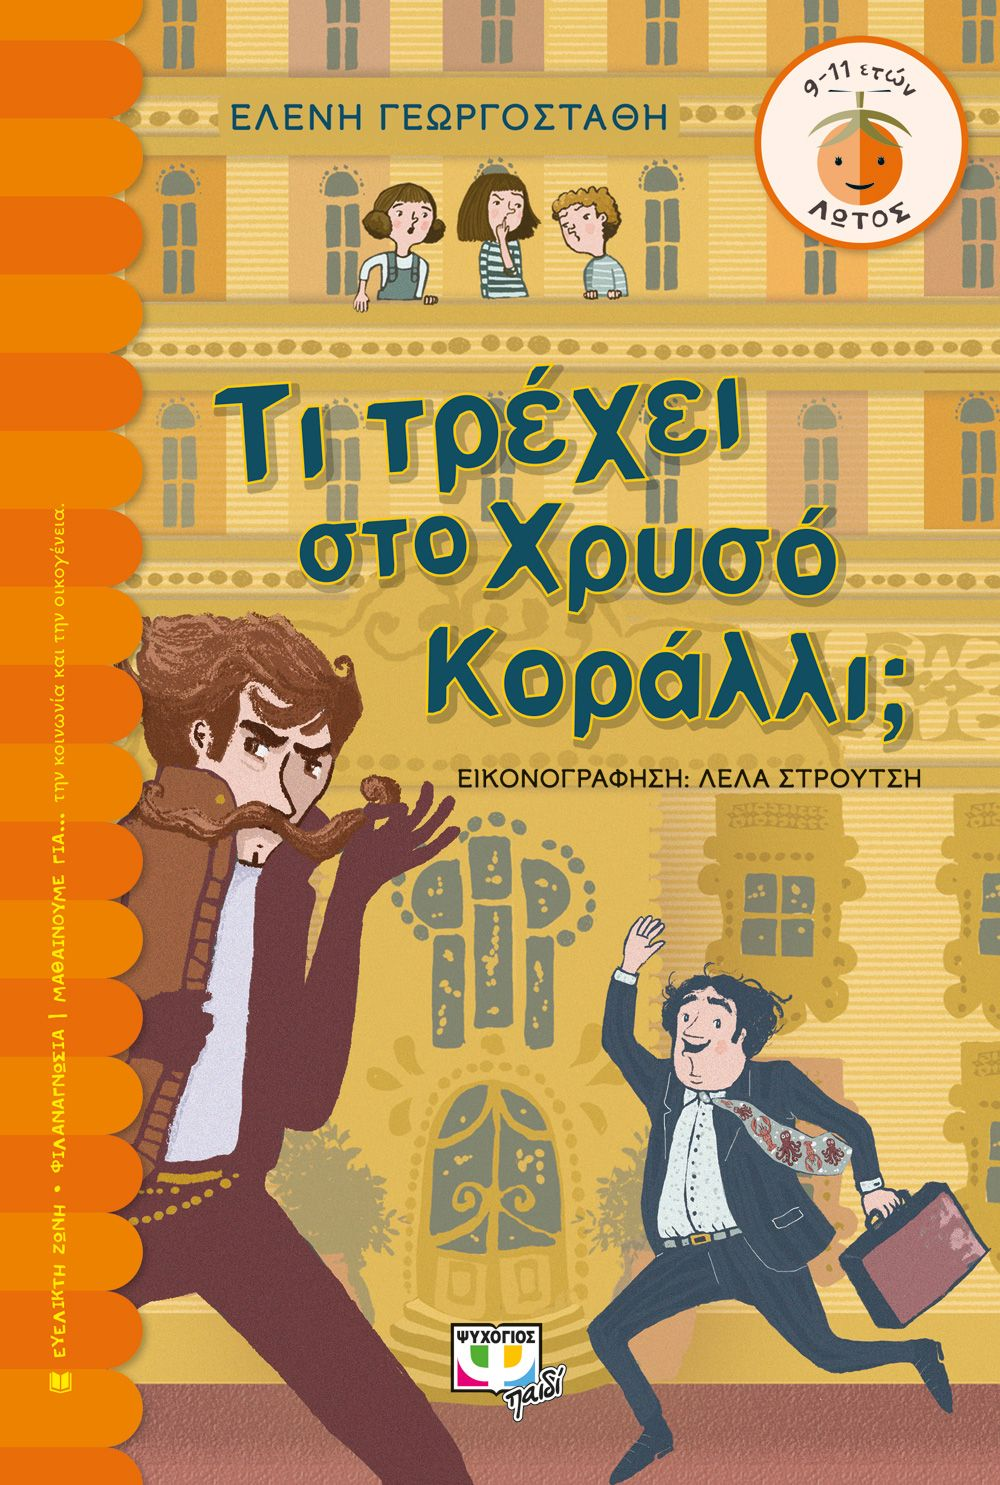 Το έκτο βιβλίο μου